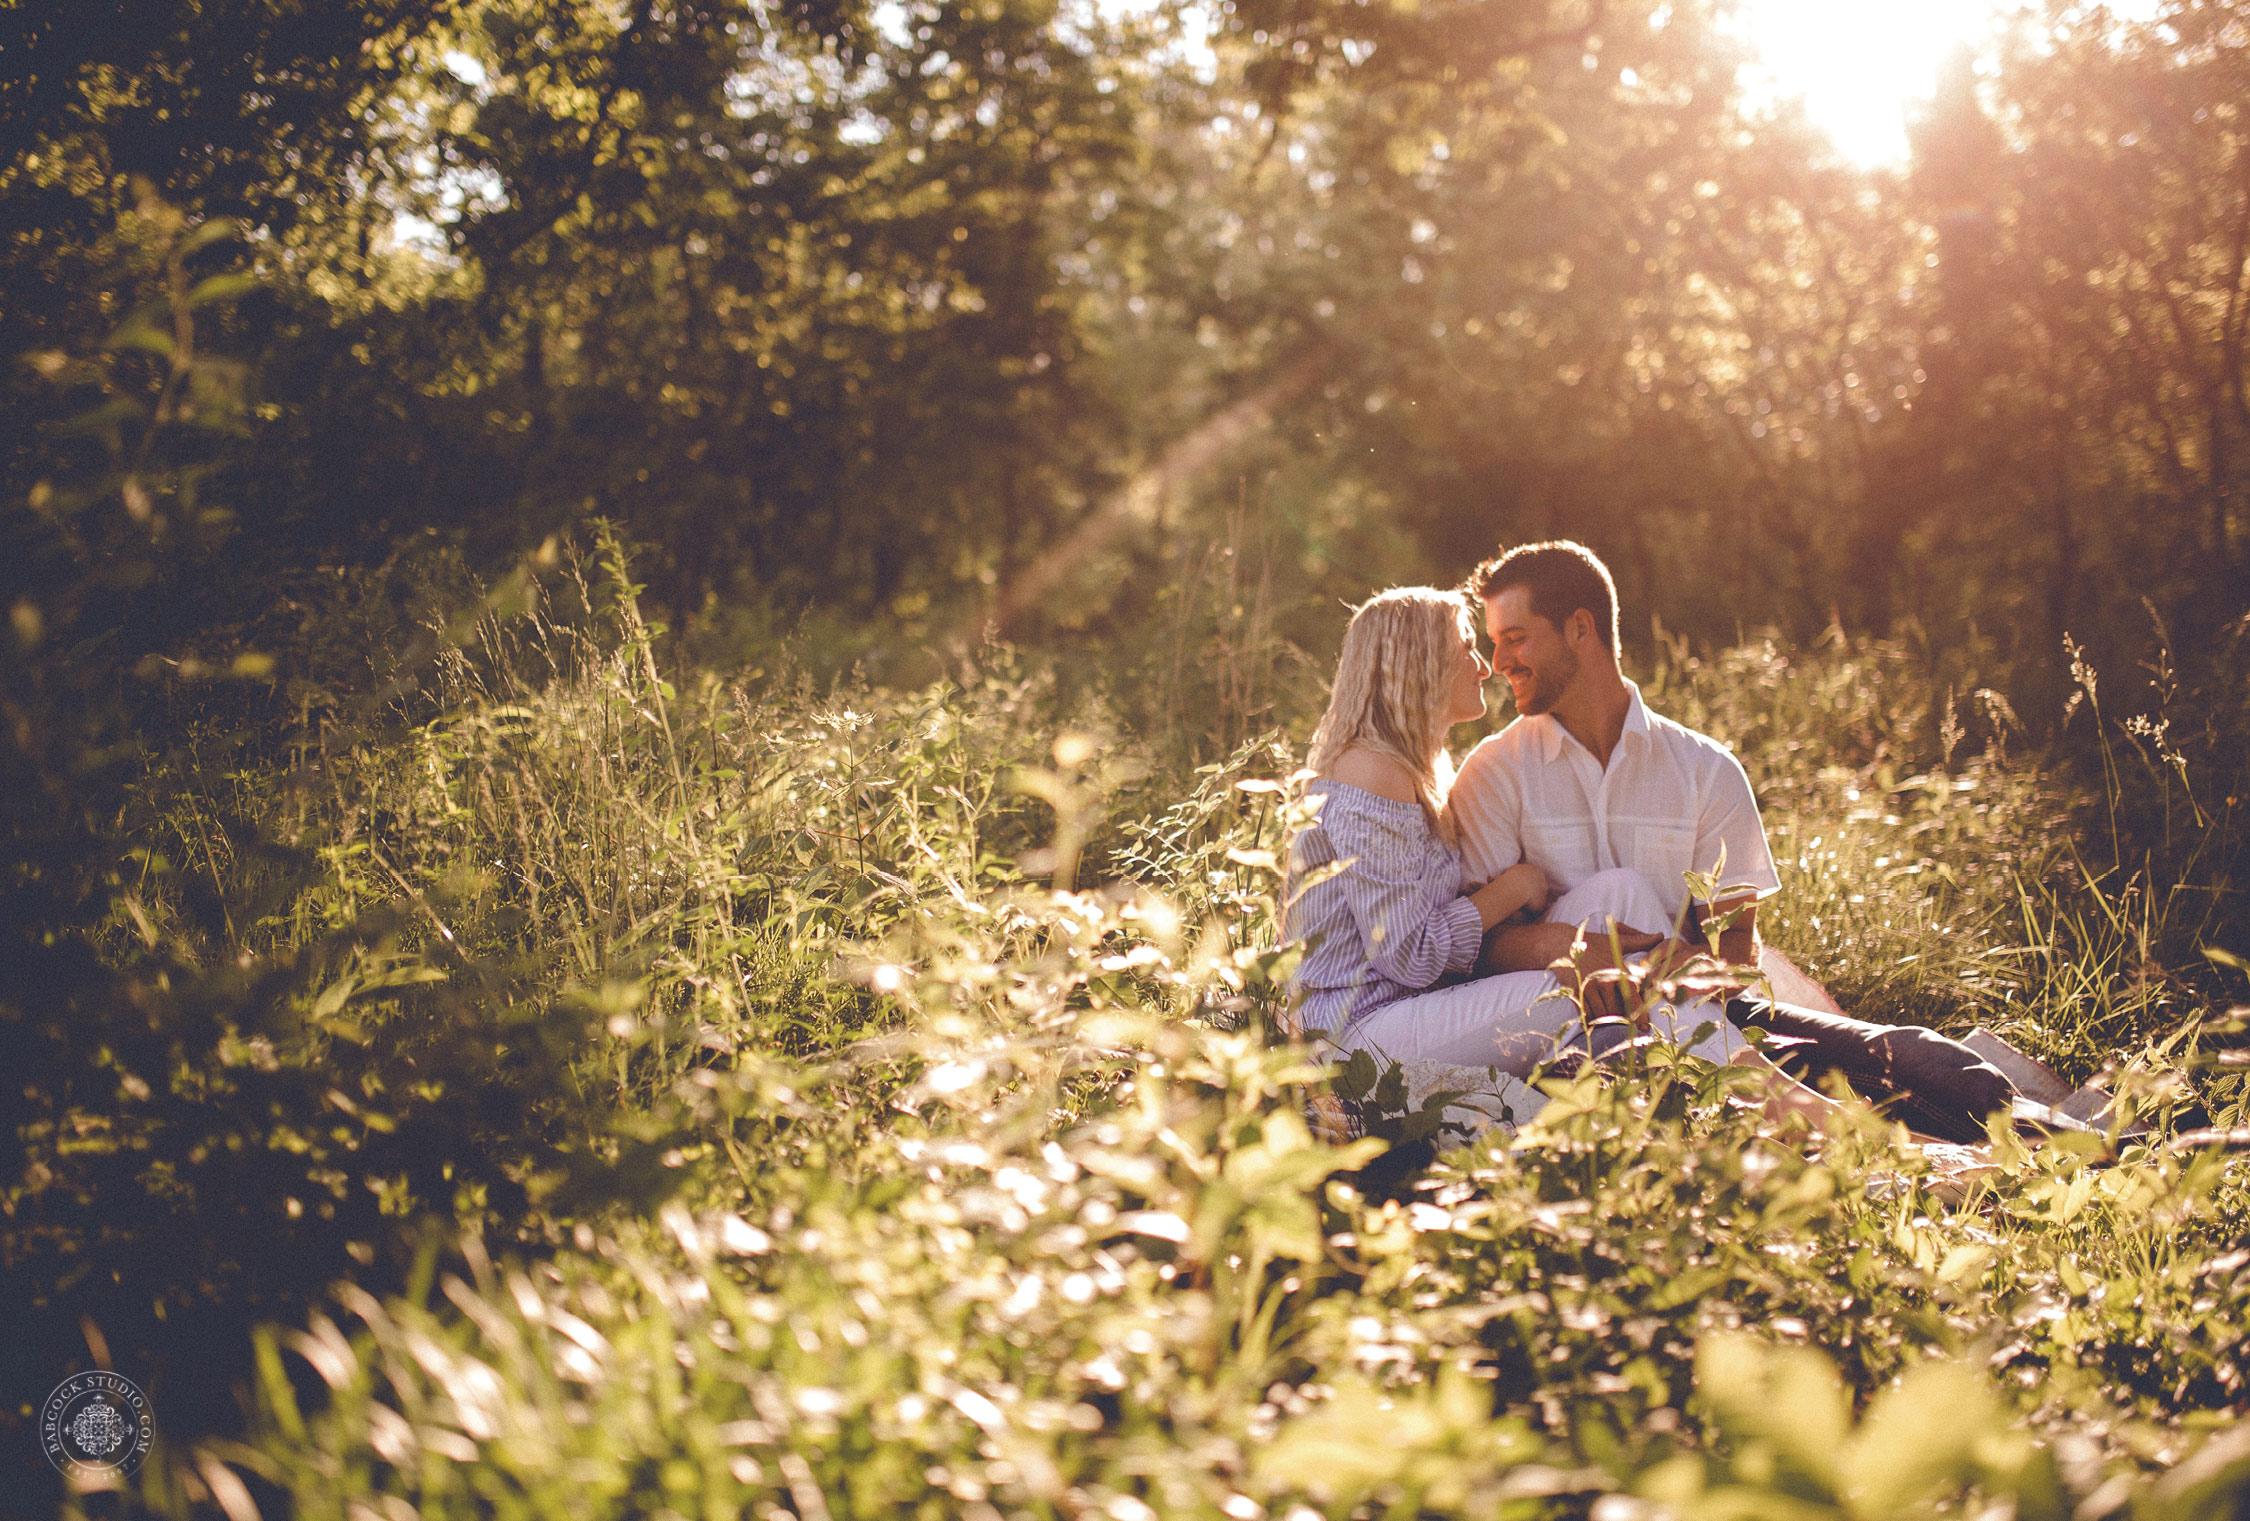 briana-ryan-engagement-photographer-dayton-ohio-2.jpg